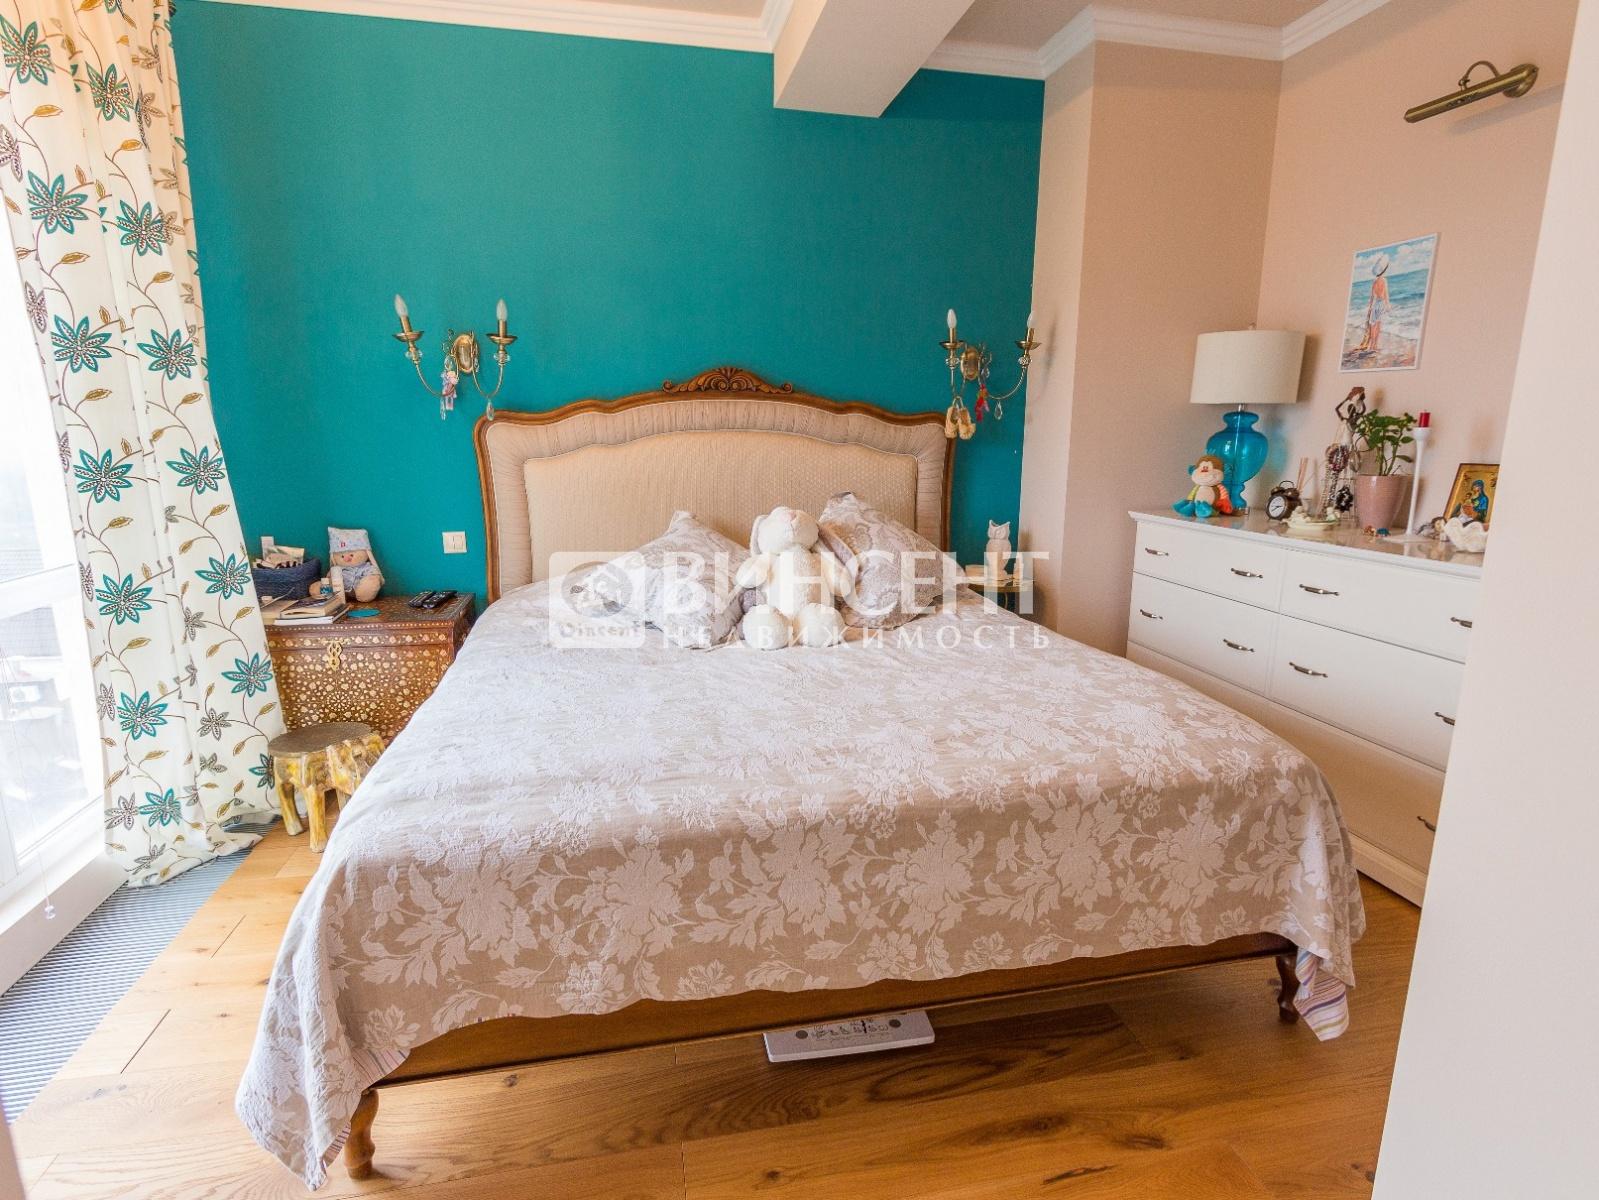 Жилая недвижимость в Сочи квартиры в Сочи цены на